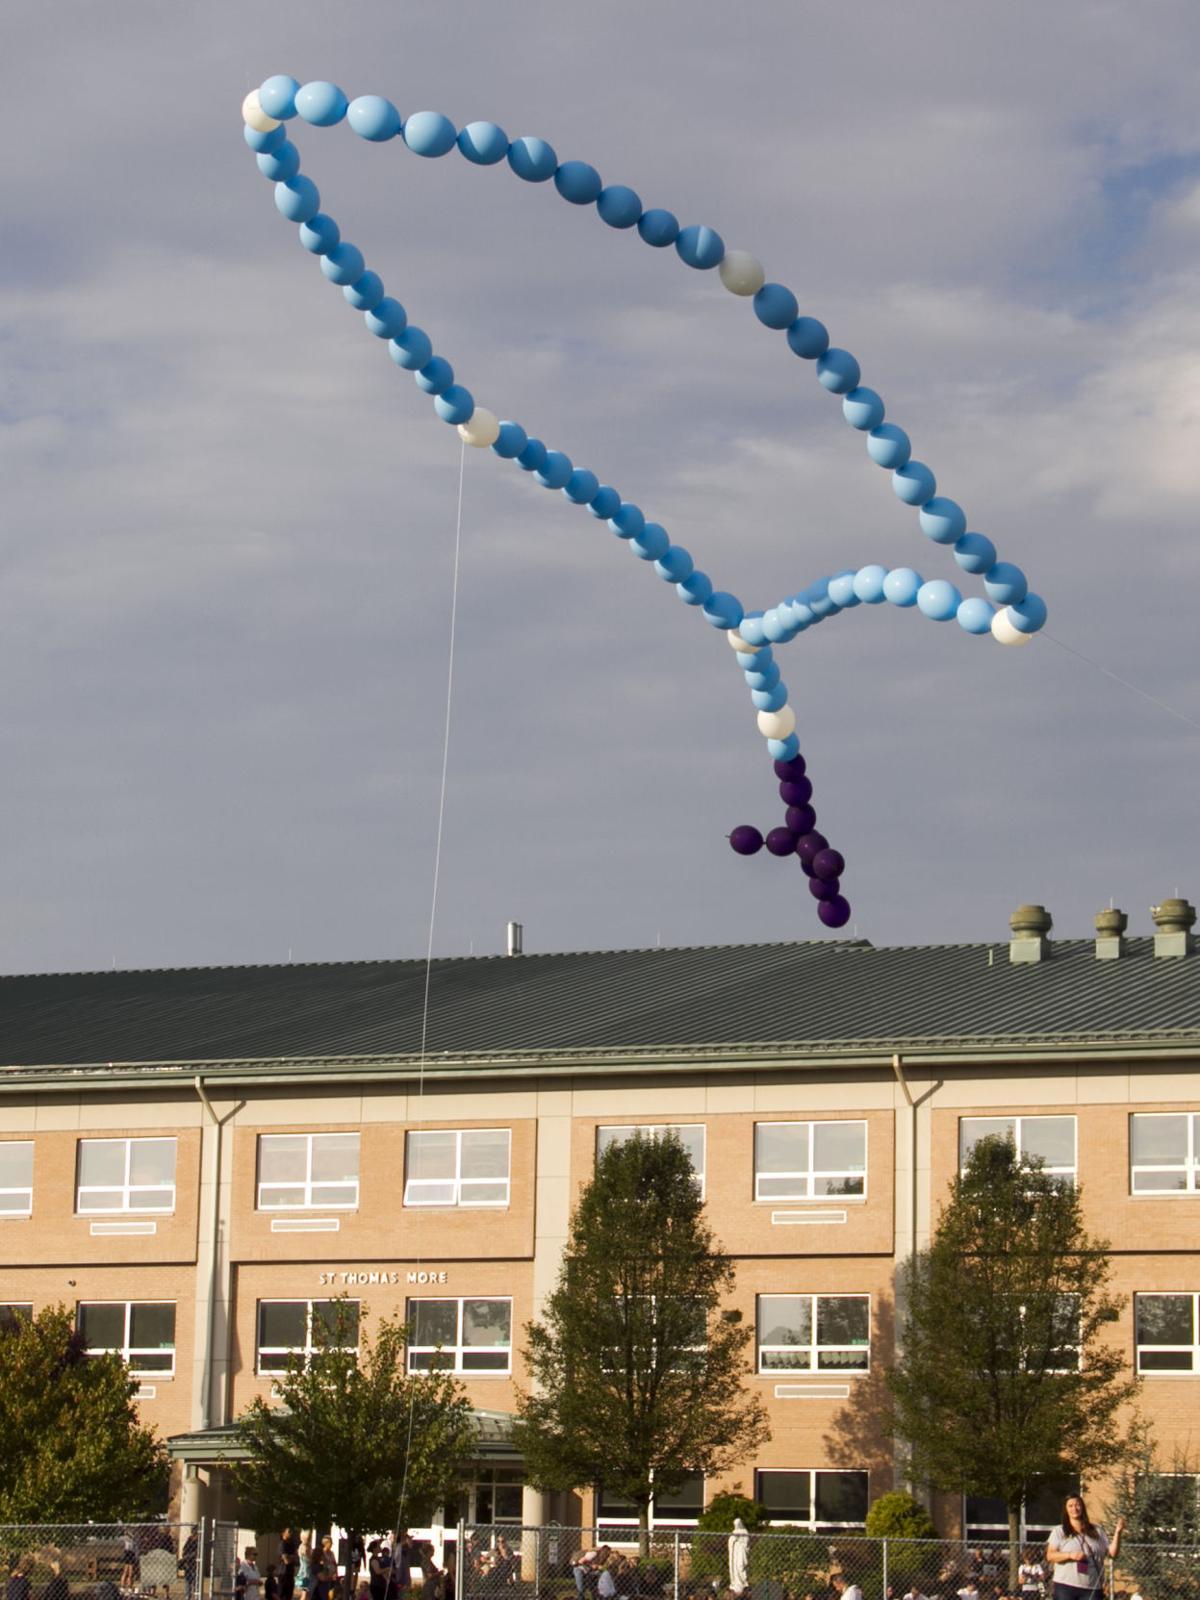 Balloons over school